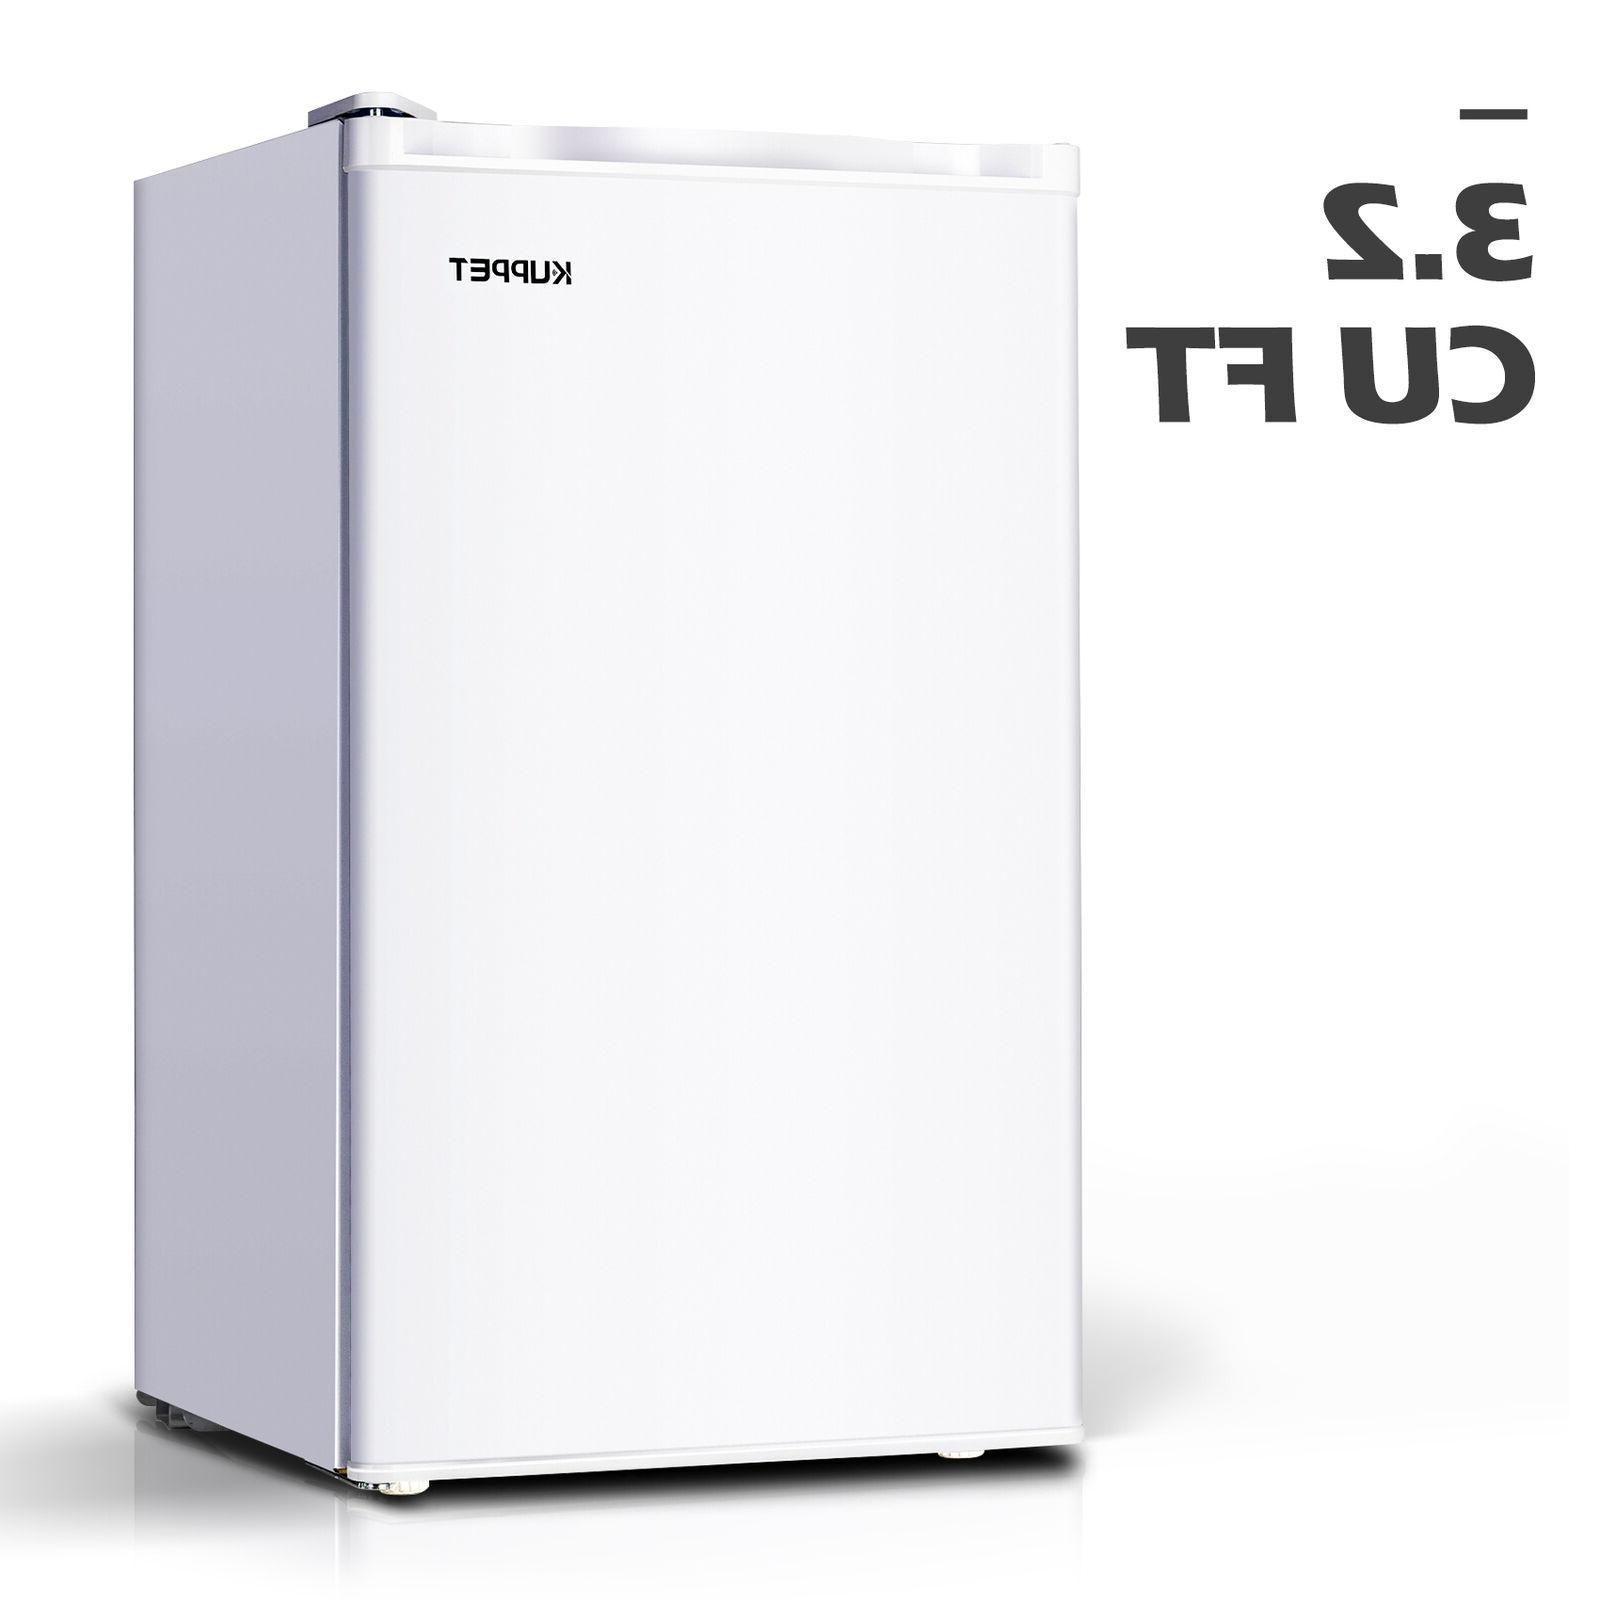 3.2 Double Door Refrigerator